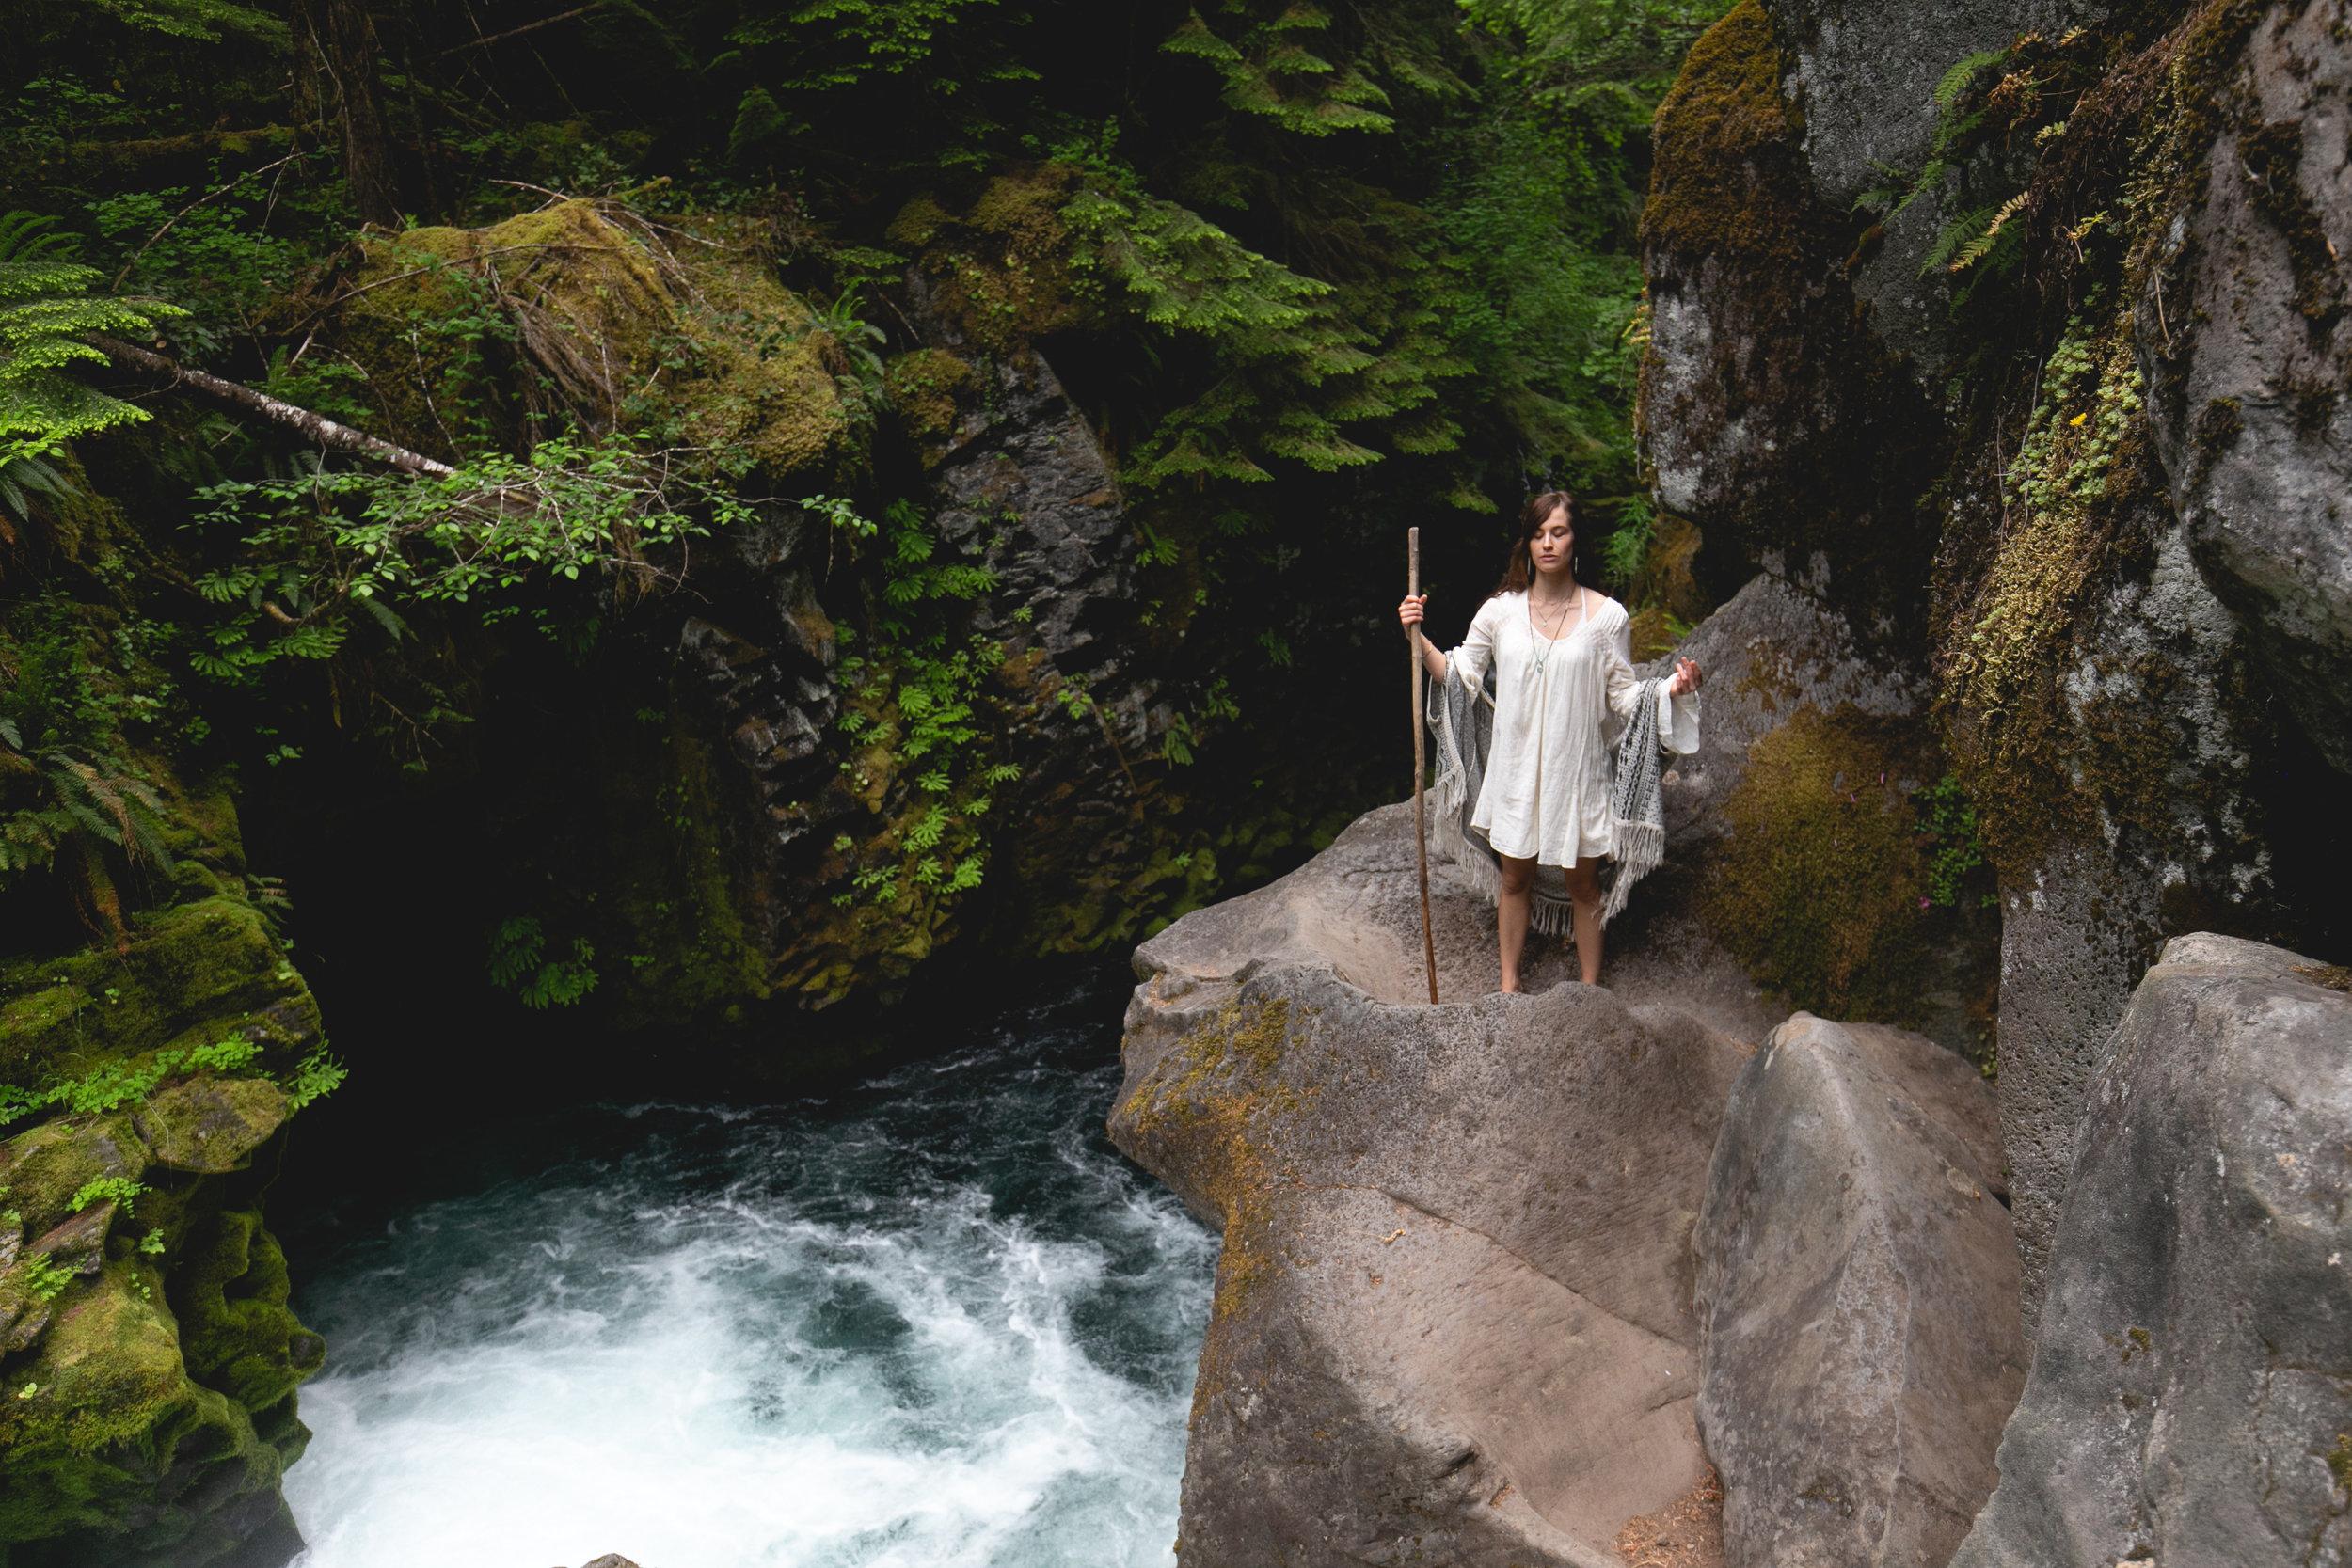 goddess-portraits-in-nature